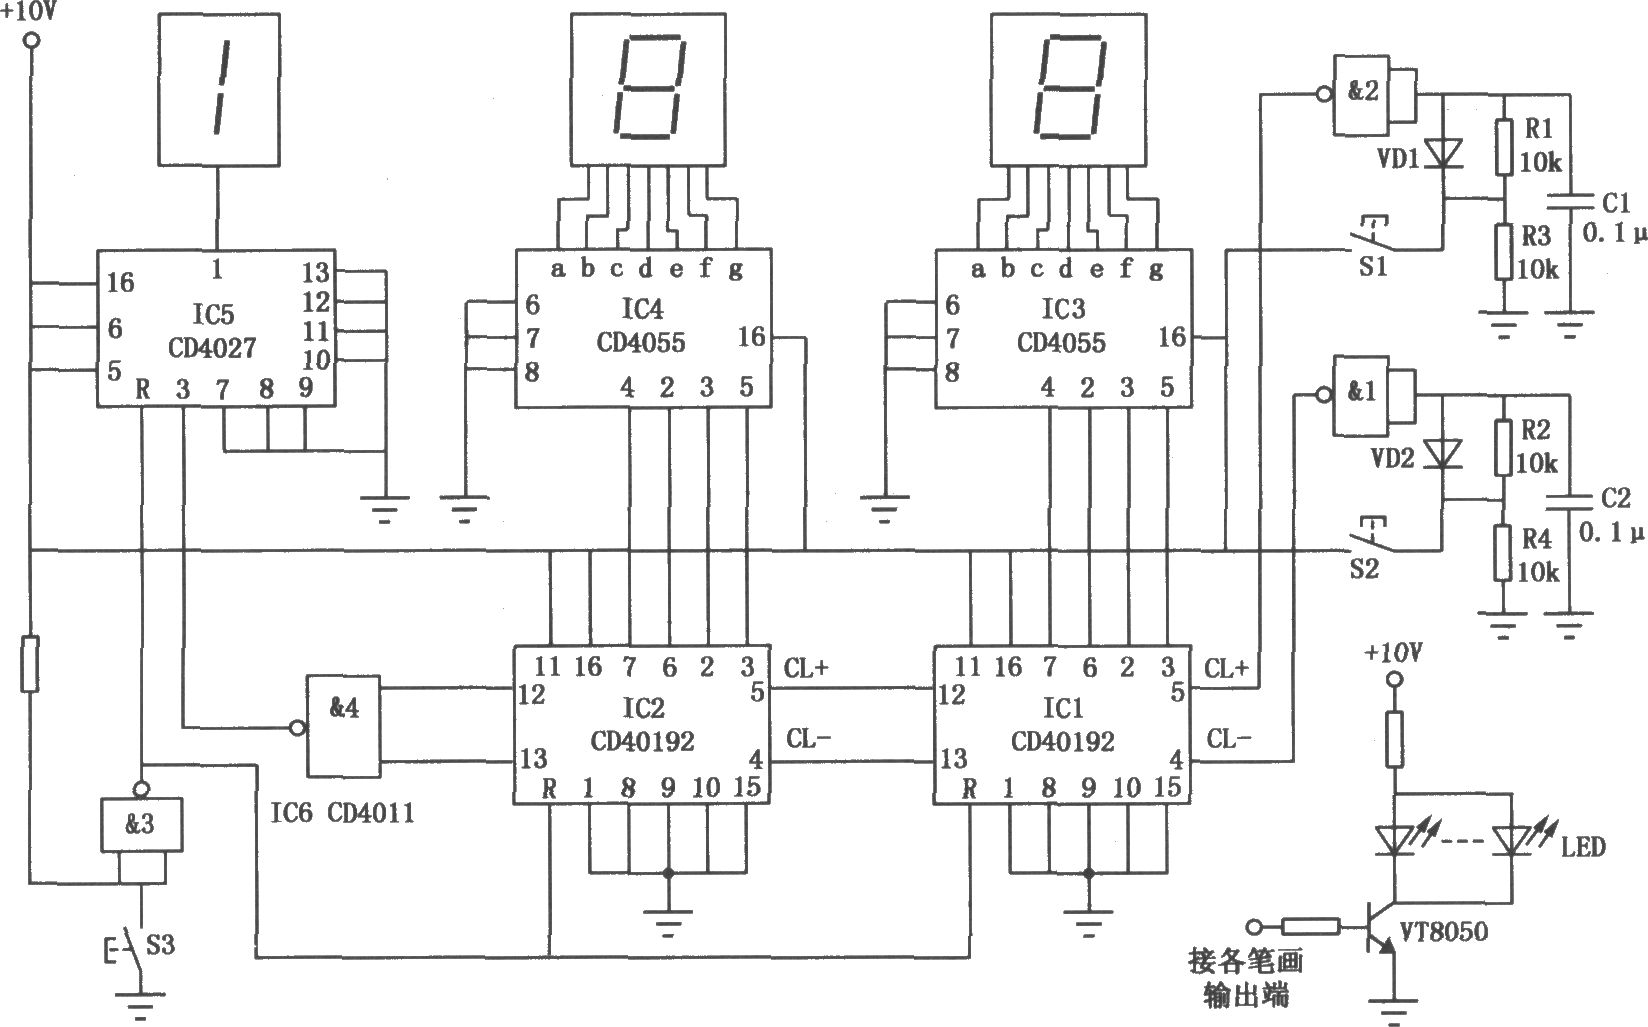 球赛计分器的电路如图所示,它用于记录并显示球赛成绩。第一个数码管仅有两种状态,即熄灭或显示l,后两个数码管可显示0~9十种状态,故该计分器的最高计分可达199分。电路主要由计数器、译码电路、触发电路、显示电路及防抖动开关电路等组成。